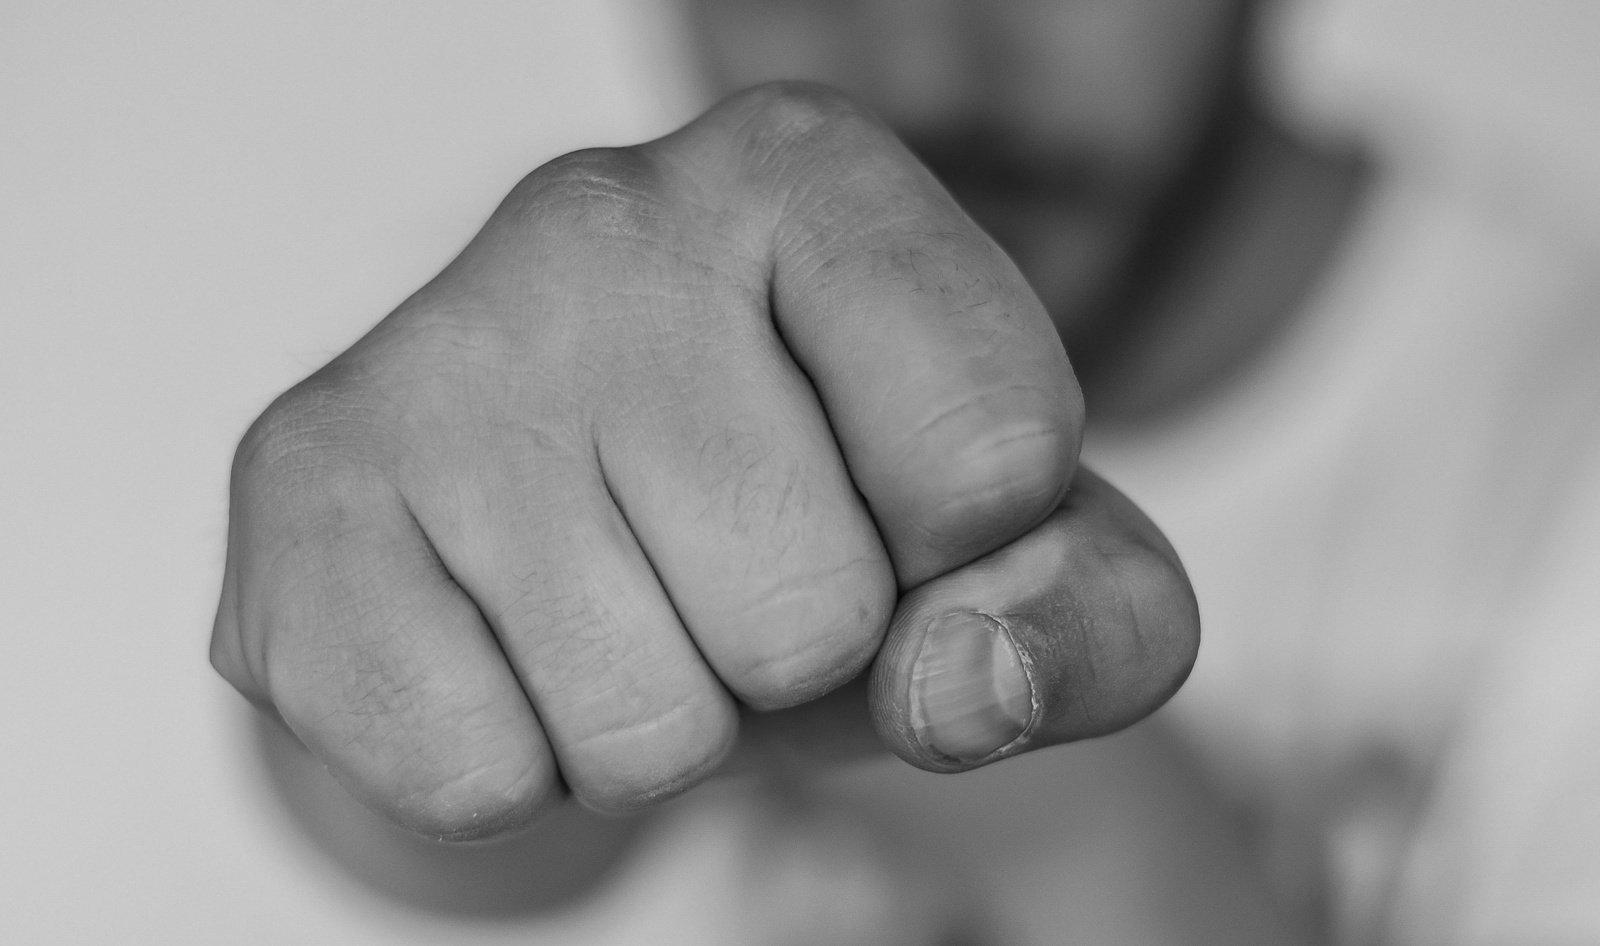 Biržuose kofliktas tarp vyrų: išlipęs iš automobilio trenkė į veidą